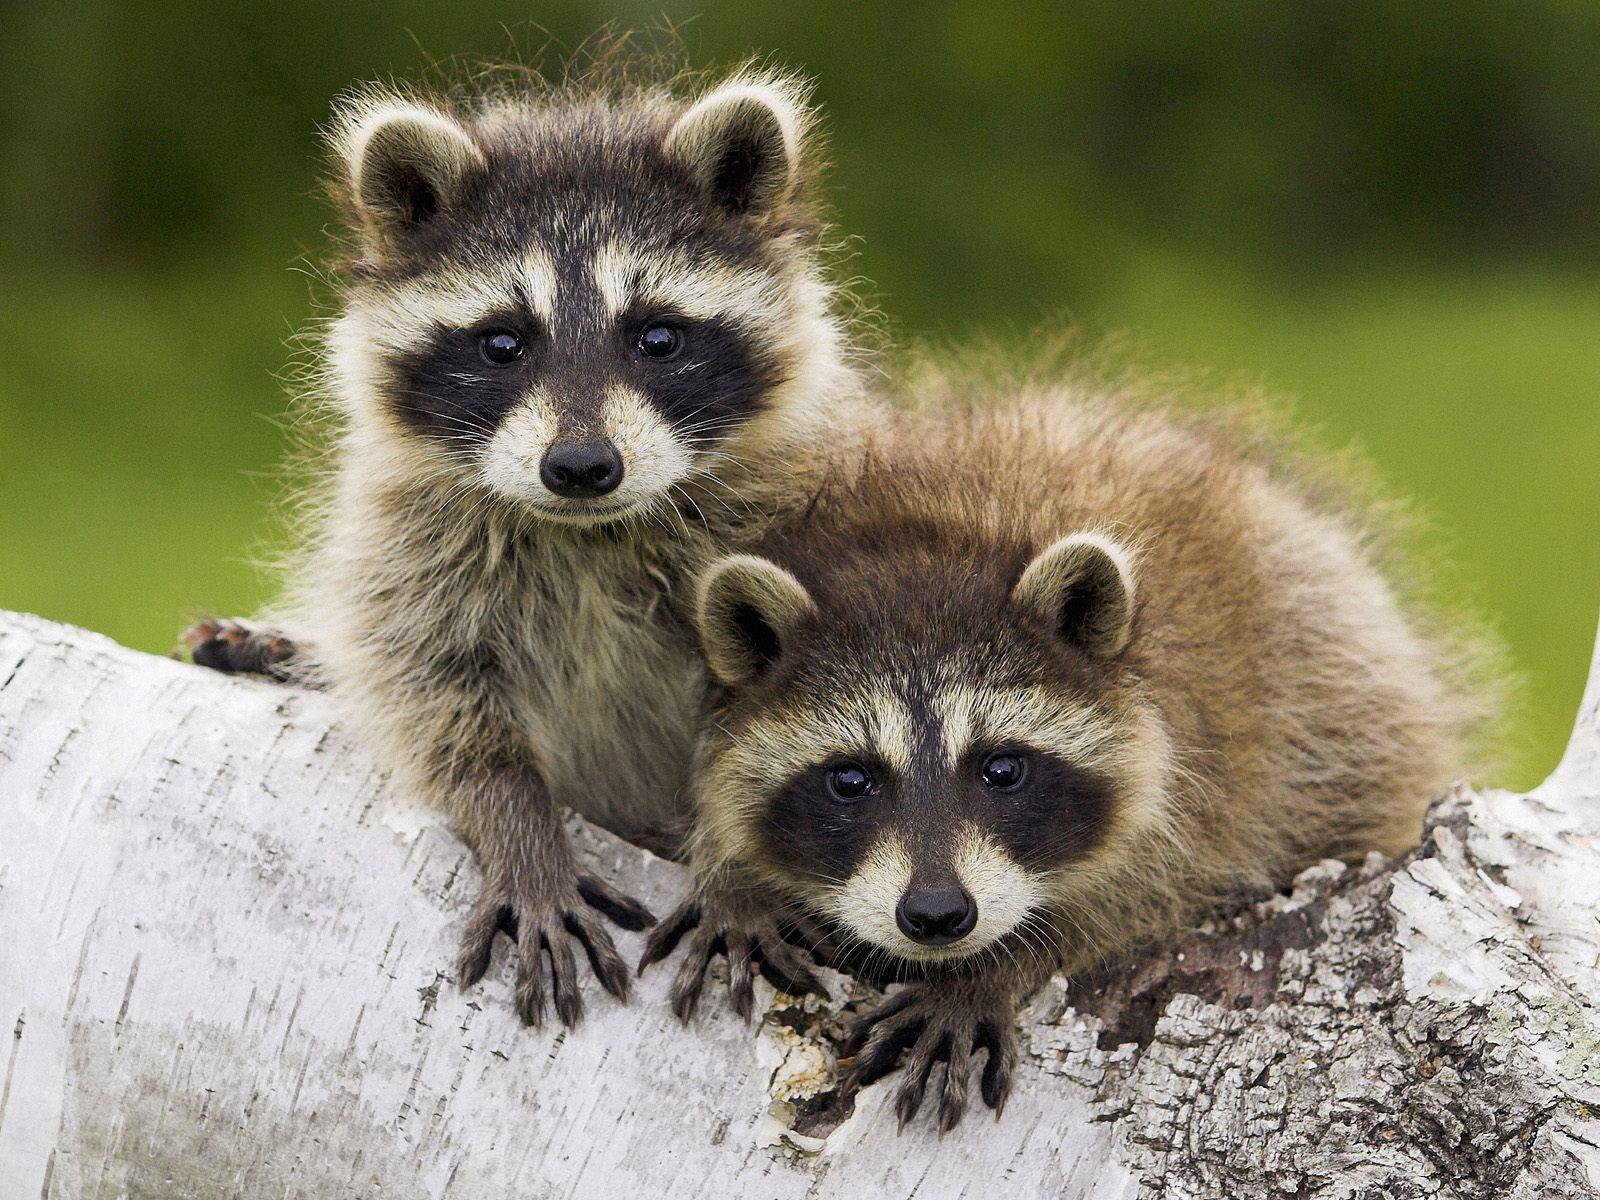 Cute Baby Animal HD Wallpapers | PixelsTalk.Net